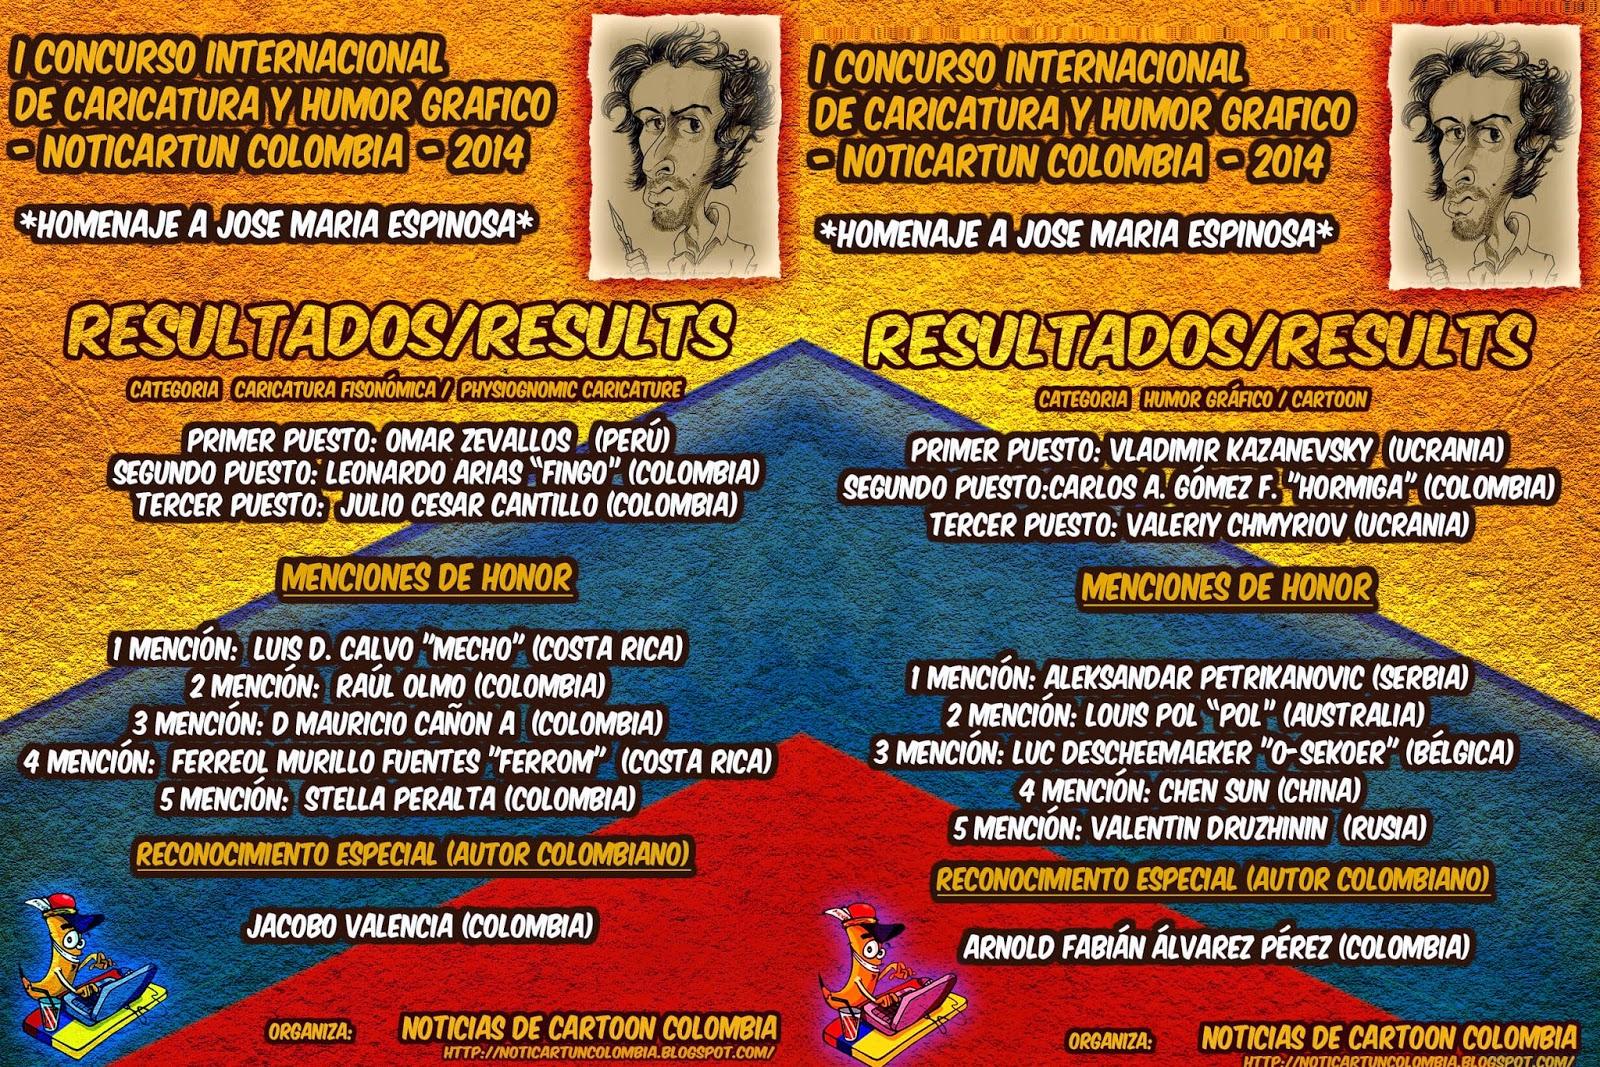 RESULTADOS DEL I CONCURSO INTERNACIONAL DE CARICATURA Y HUMOR GRAFICO - NOTICARTUN COLOMBIA - 2014